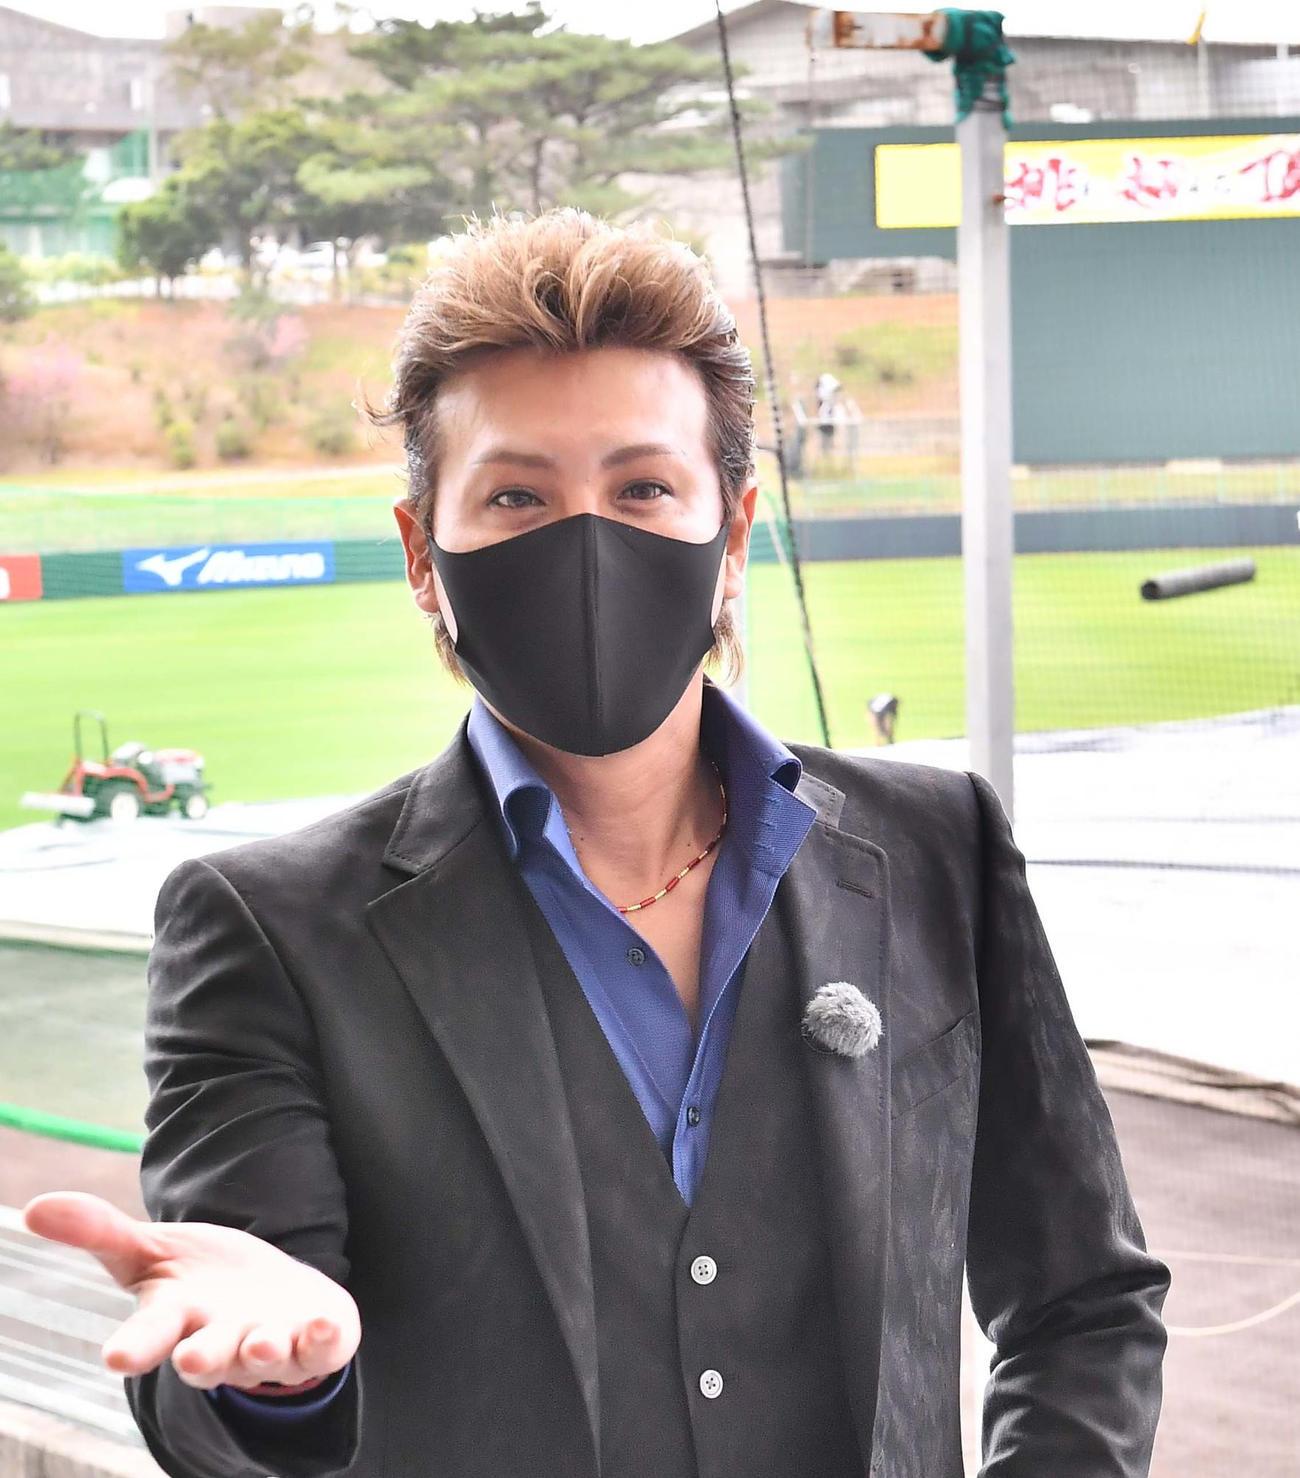 阪神キャンプ地を訪問した新庄剛志氏は右手を出して「ギャラちょーだい」と冗談を言う(撮影・上田博志)